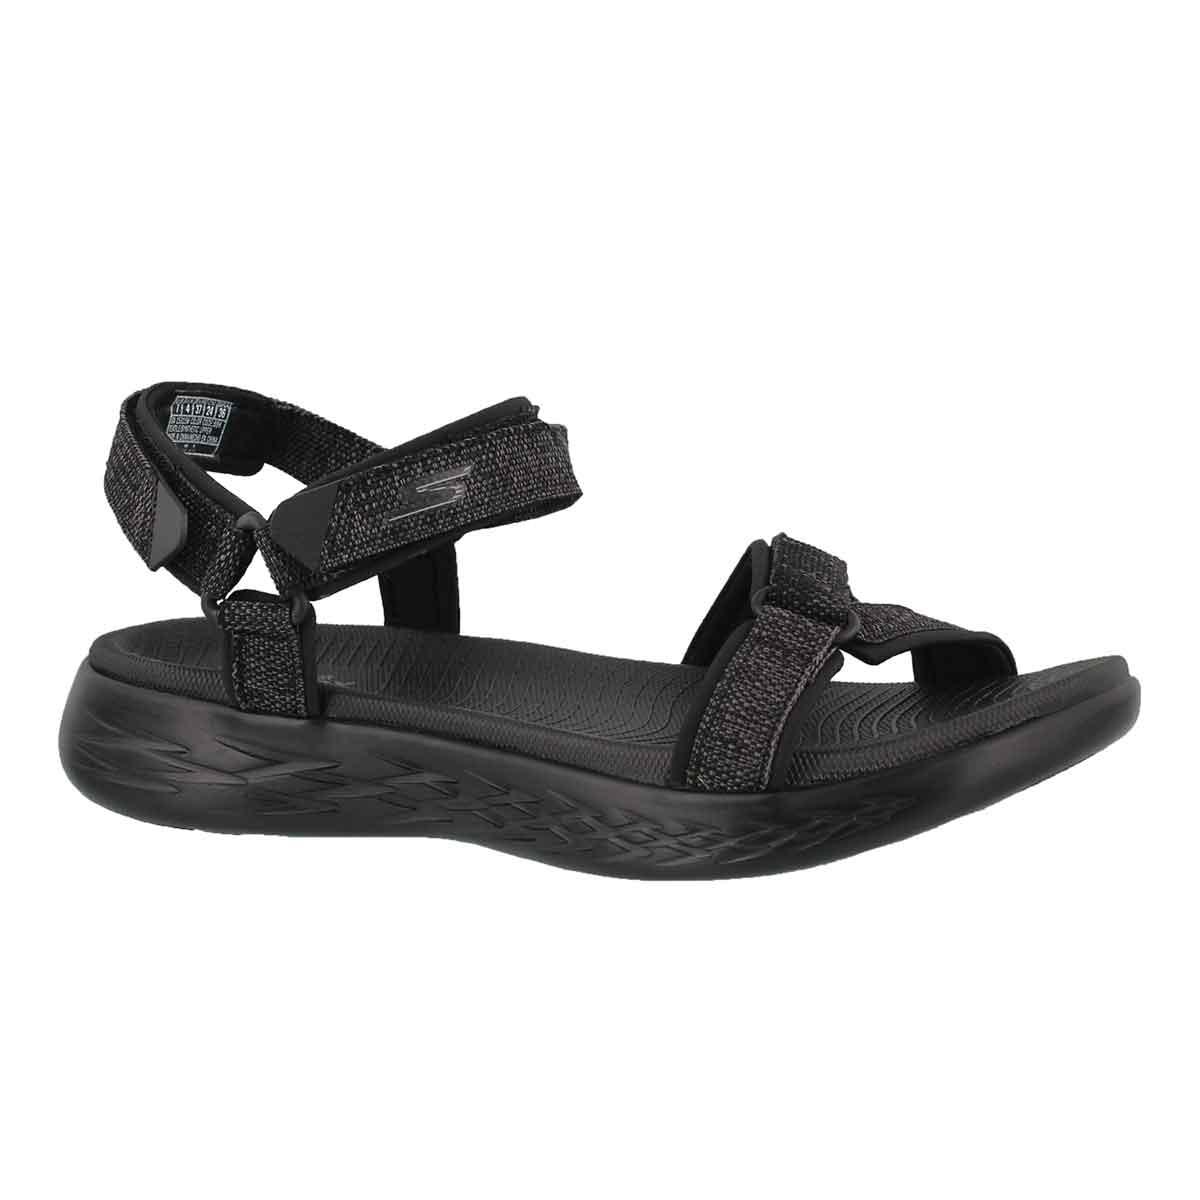 Sandale sport On-The-Go 600, nr, fem-Lrg